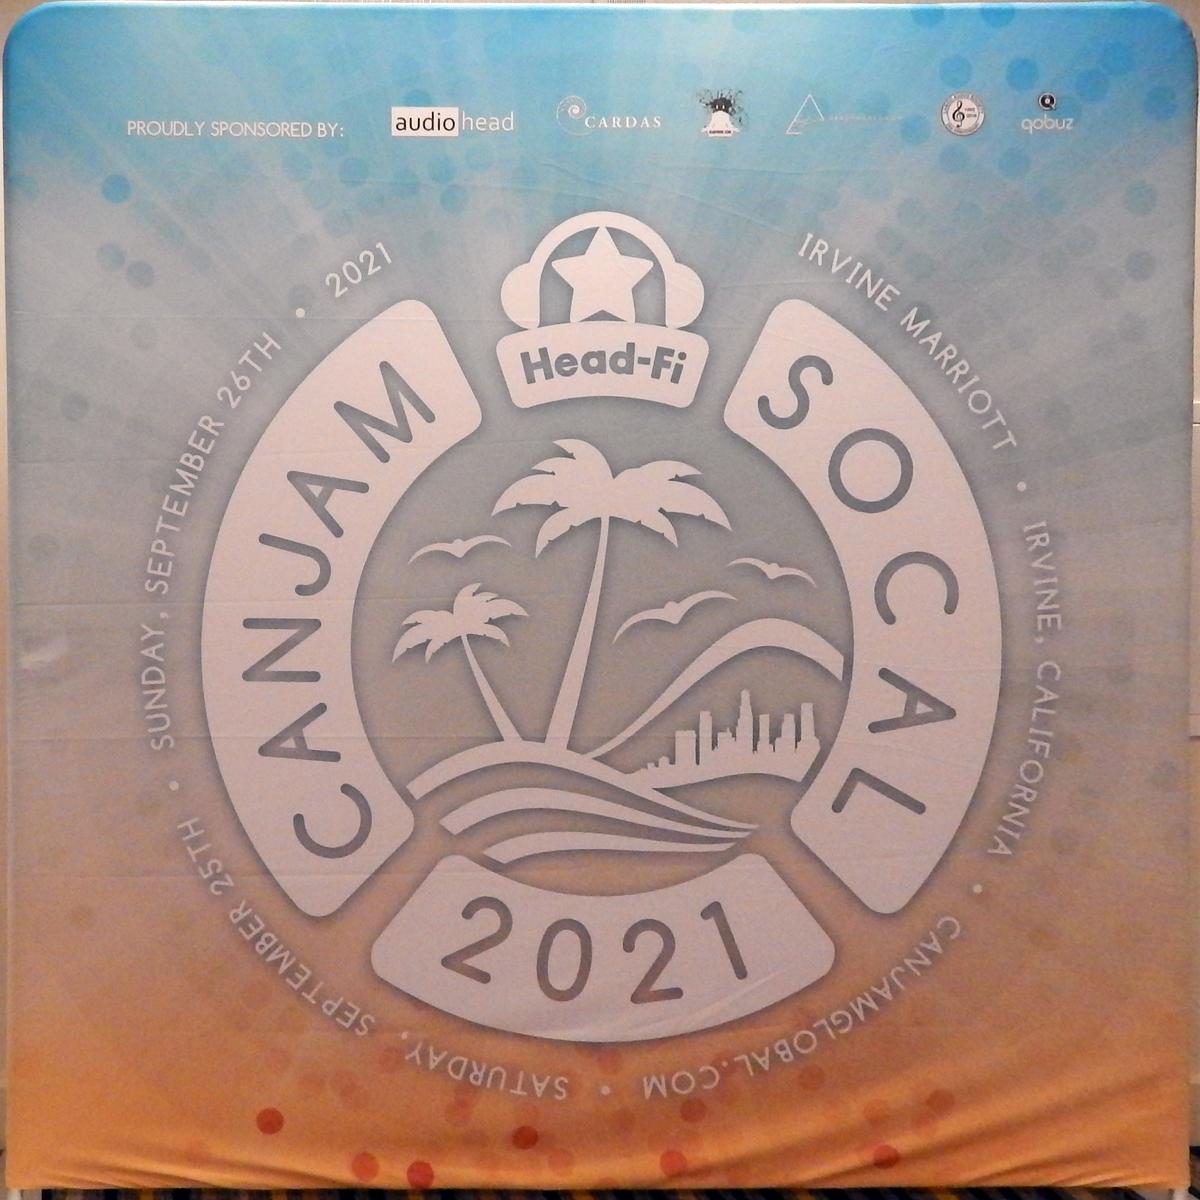 CanJam SoCal 2021